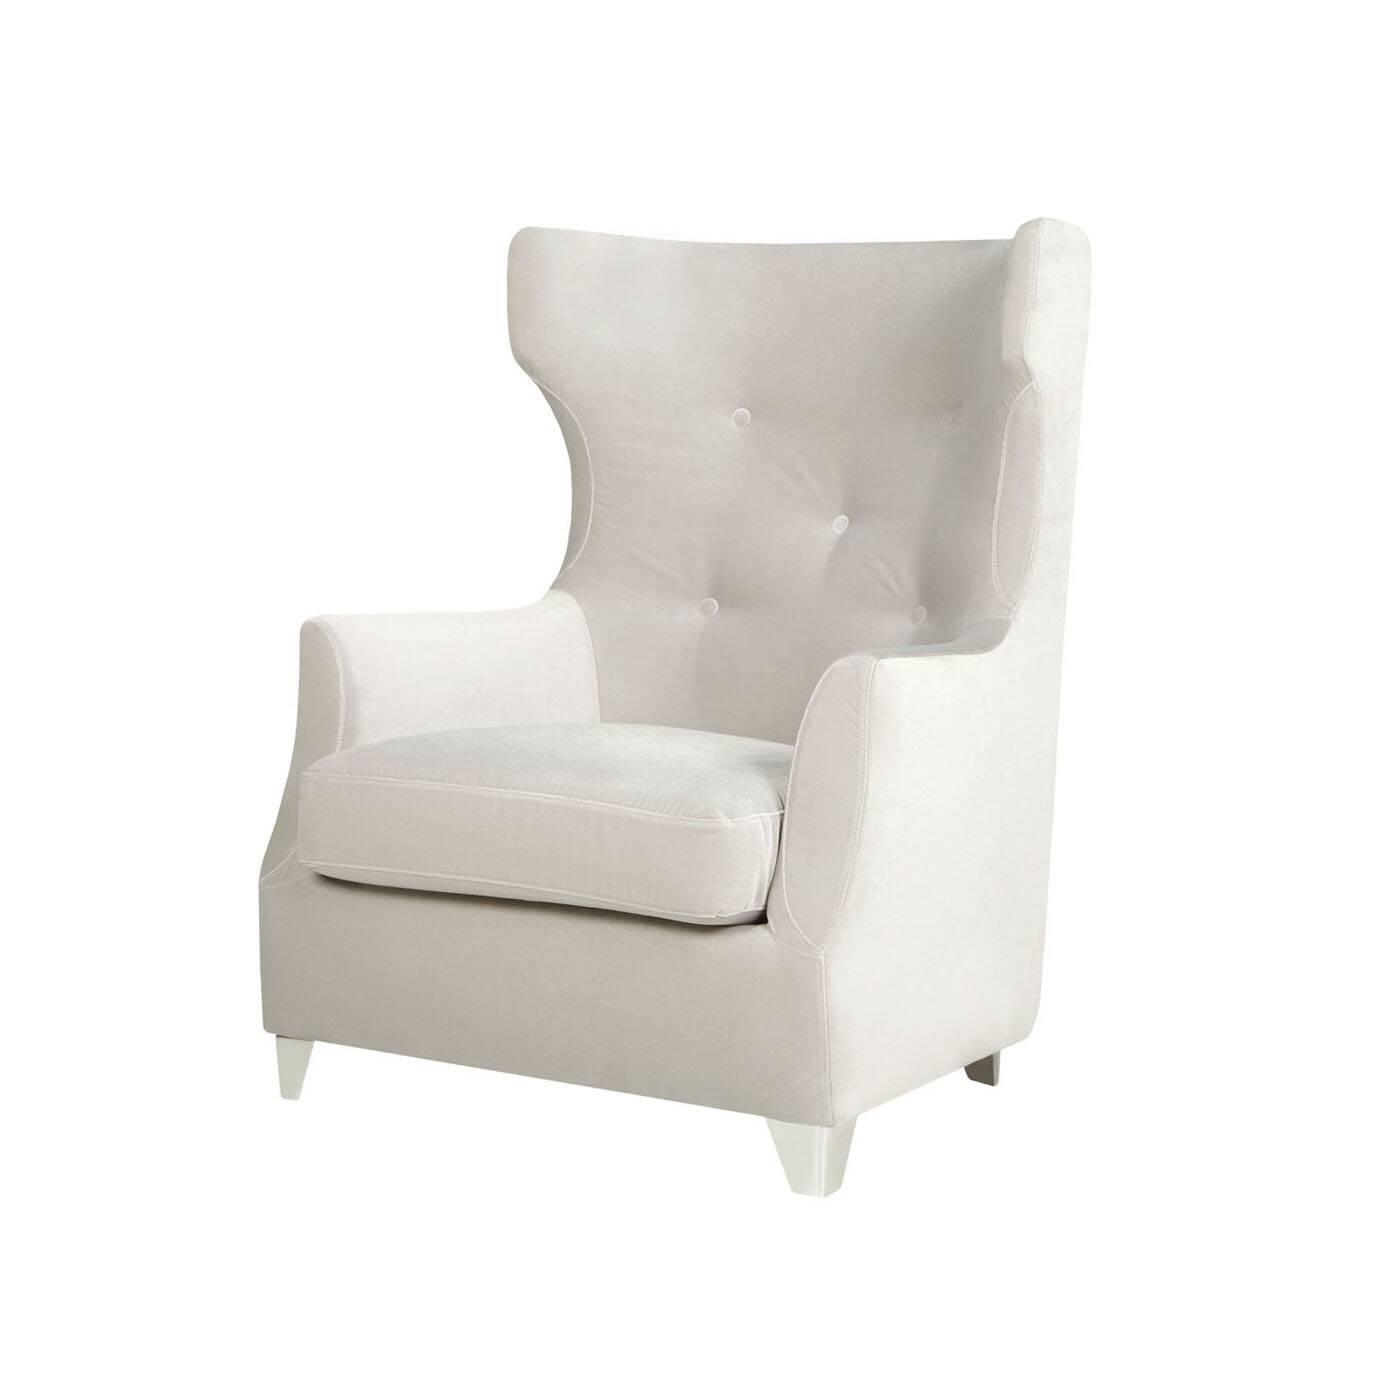 Кресло RoseИнтерьерные<br>Дизайнерское глубокое мягкое кресло Rose (Роуз) с ушами и подлокотниками от Sits (Ситс).<br><br><br> Необычные сочетания классических черт с легкими оттенками современного дизайна в интерьере — кресло Rose производит потрясающее впечатление как своим оформлением, так и очевидной комфортностью отдыха на нем. Главная примечательность кресла — его великолепная спинка. Высокая, слегка изогнутая по бокам, украшенная элегантными пуговицами — такая форма кресла идеально подходит для полноценного рассла...<br><br>stock: 0<br>Высота: 103<br>Высота сиденья: 42<br>Ширина: 82<br>Глубина: 86<br>Цвет ножек: Хром<br>Материал обивки: Полиэстер<br>Степень комфортности: Стандарт комфорт<br>Форма подлокотников: Стандарт<br>Коллекция ткани: Категория ткани III<br>Тип материала обивки: Ткань<br>Тип материала ножек: Металл<br>Цвет обивки: Светло-серый